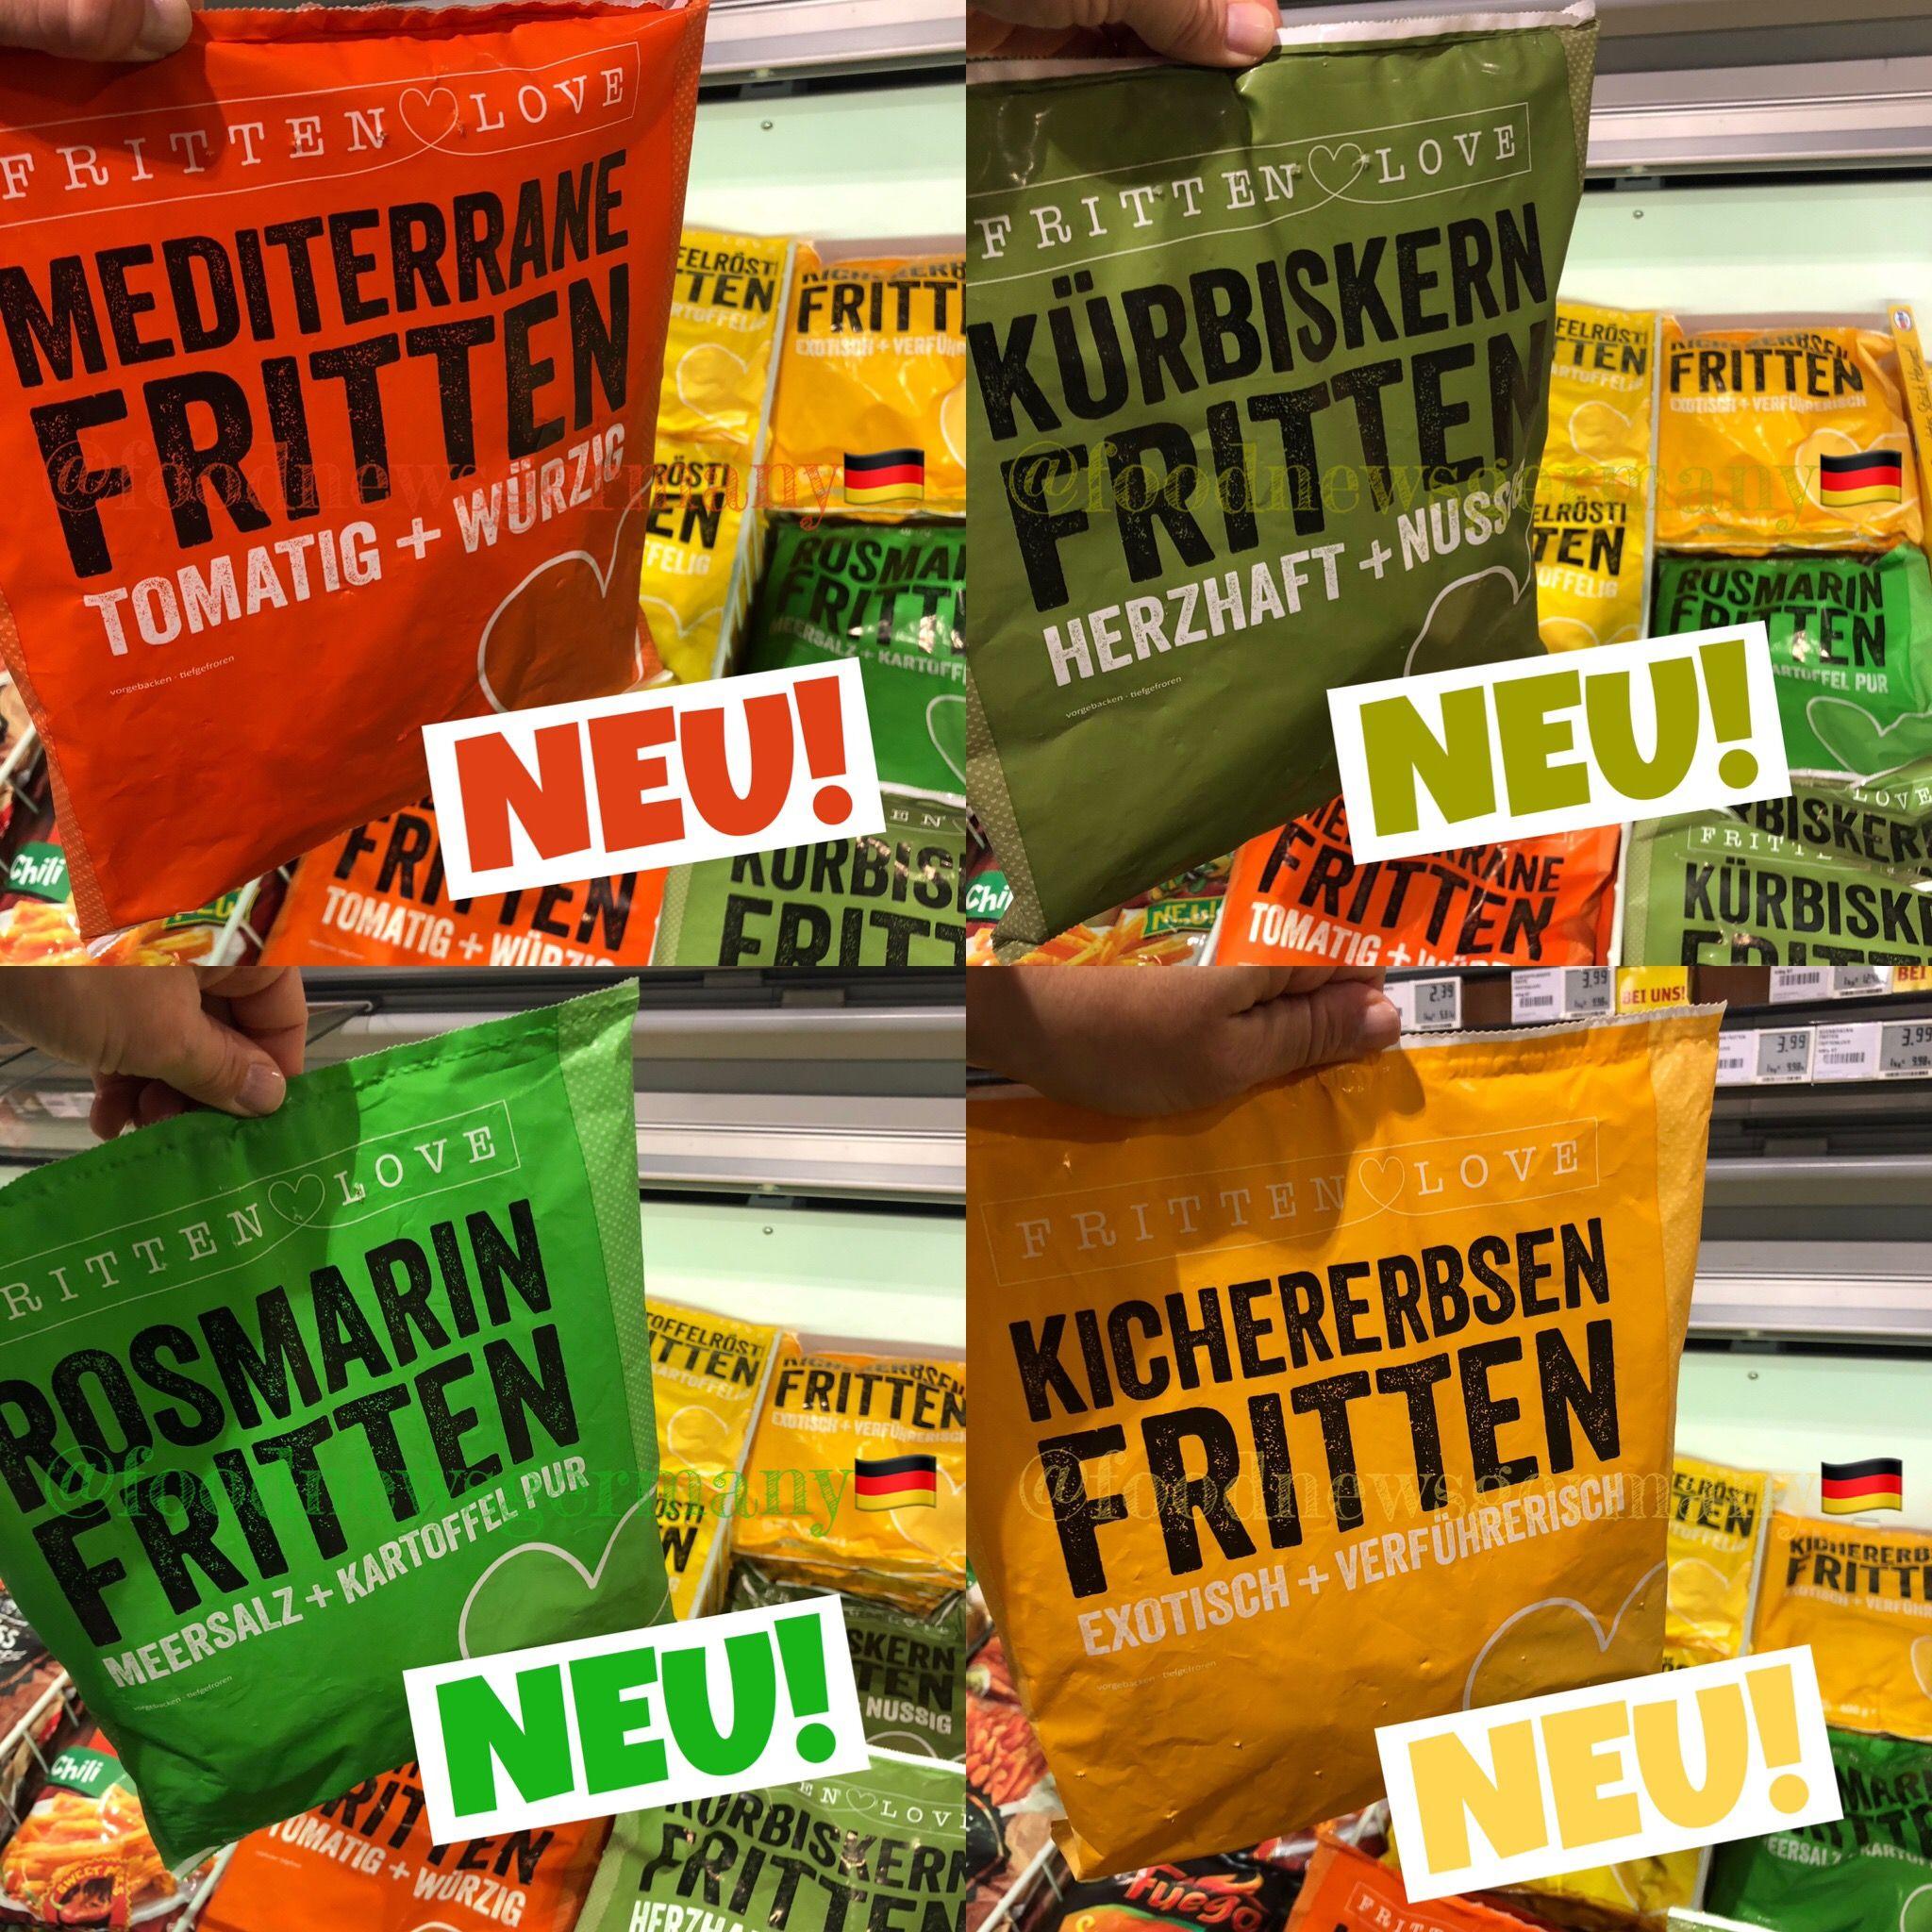 Lebensmittelneuheiten Frittenlove Friitten Aus Der Hohle Der Lowen Lebensmittel Kinderschokolade Kinder Schokolade